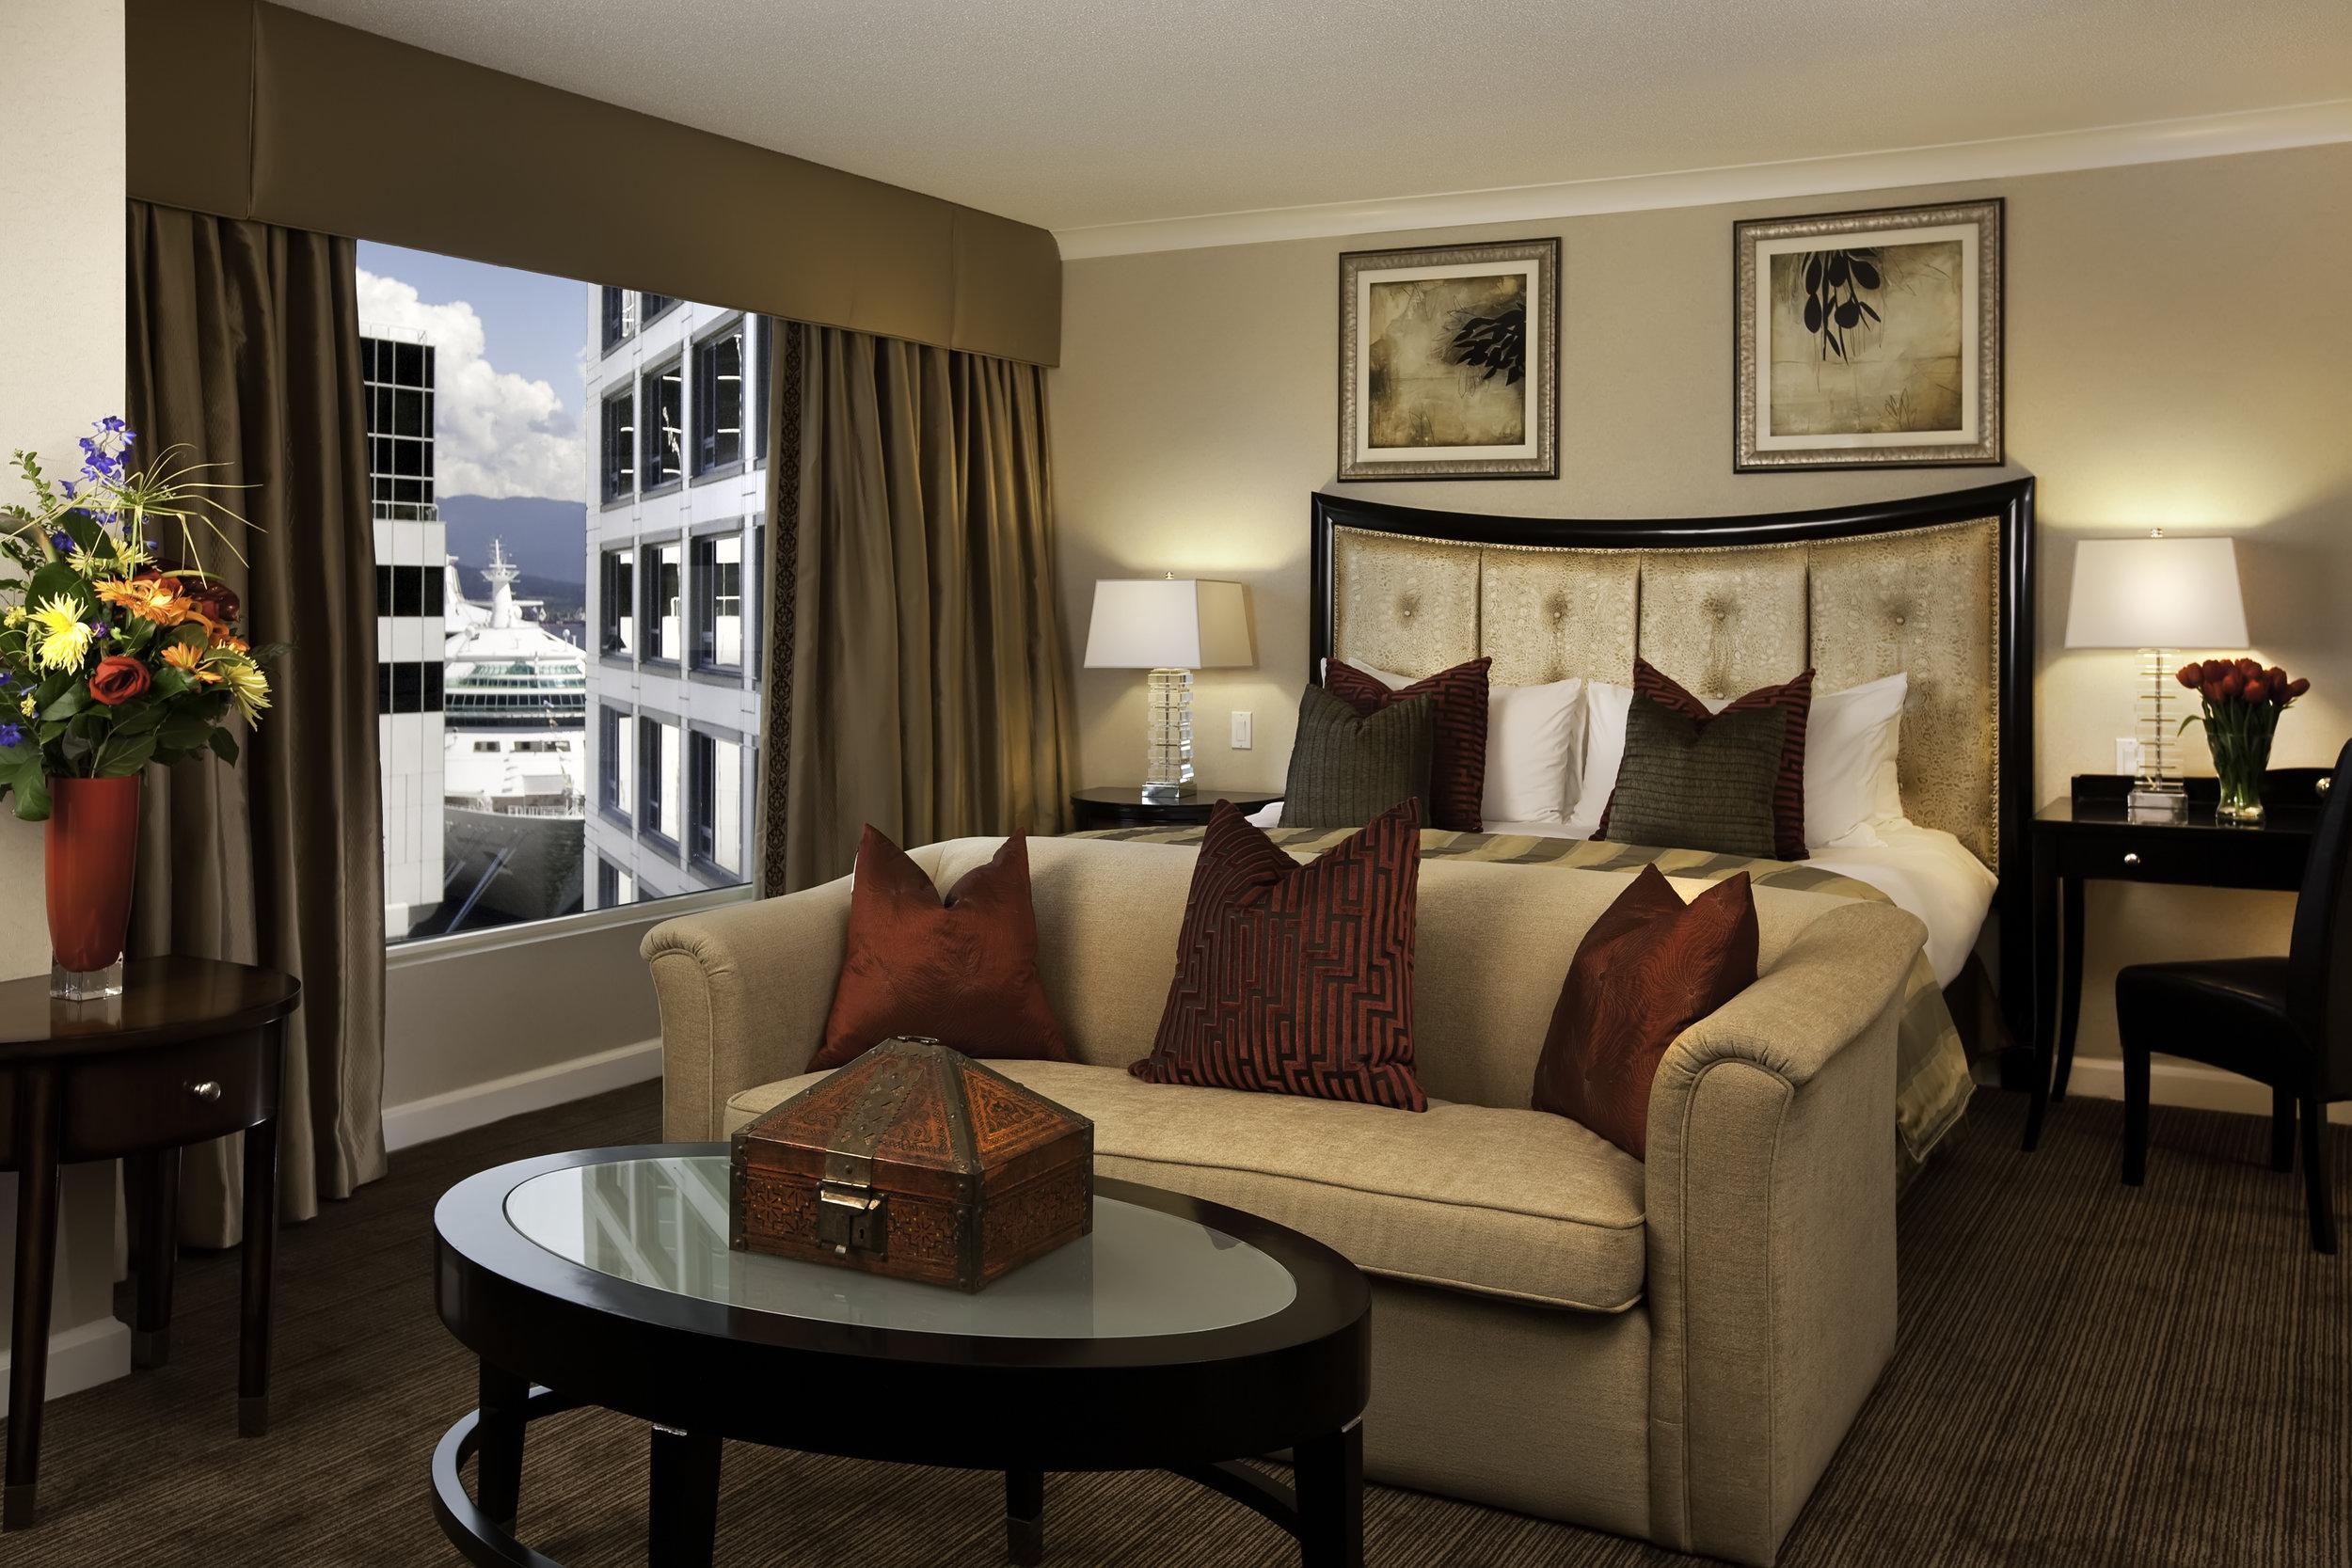 RoyalSuiteBedroom5000x3333.jpg